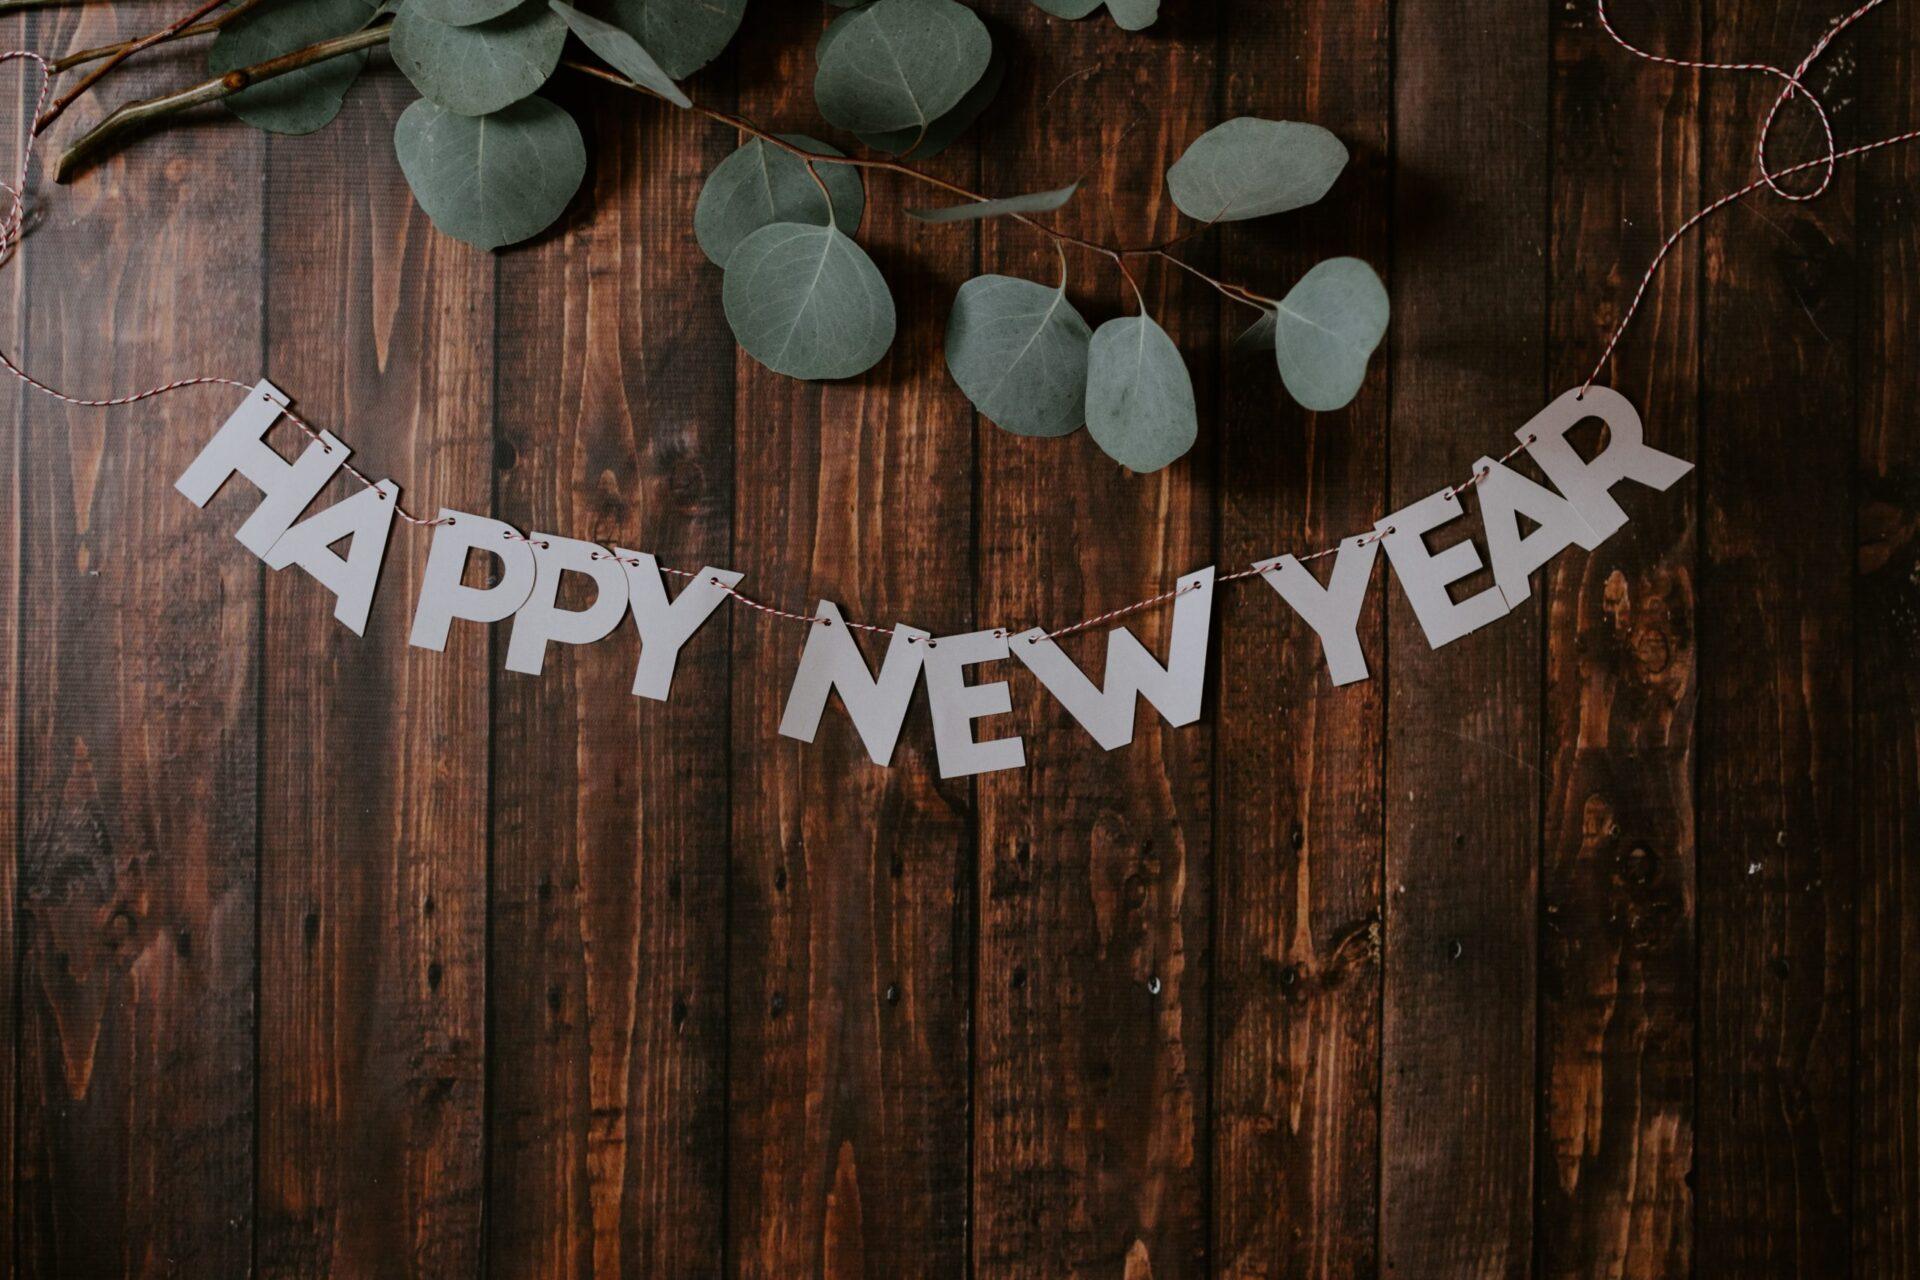 新年会って行く意味ある?という疑問に答えます